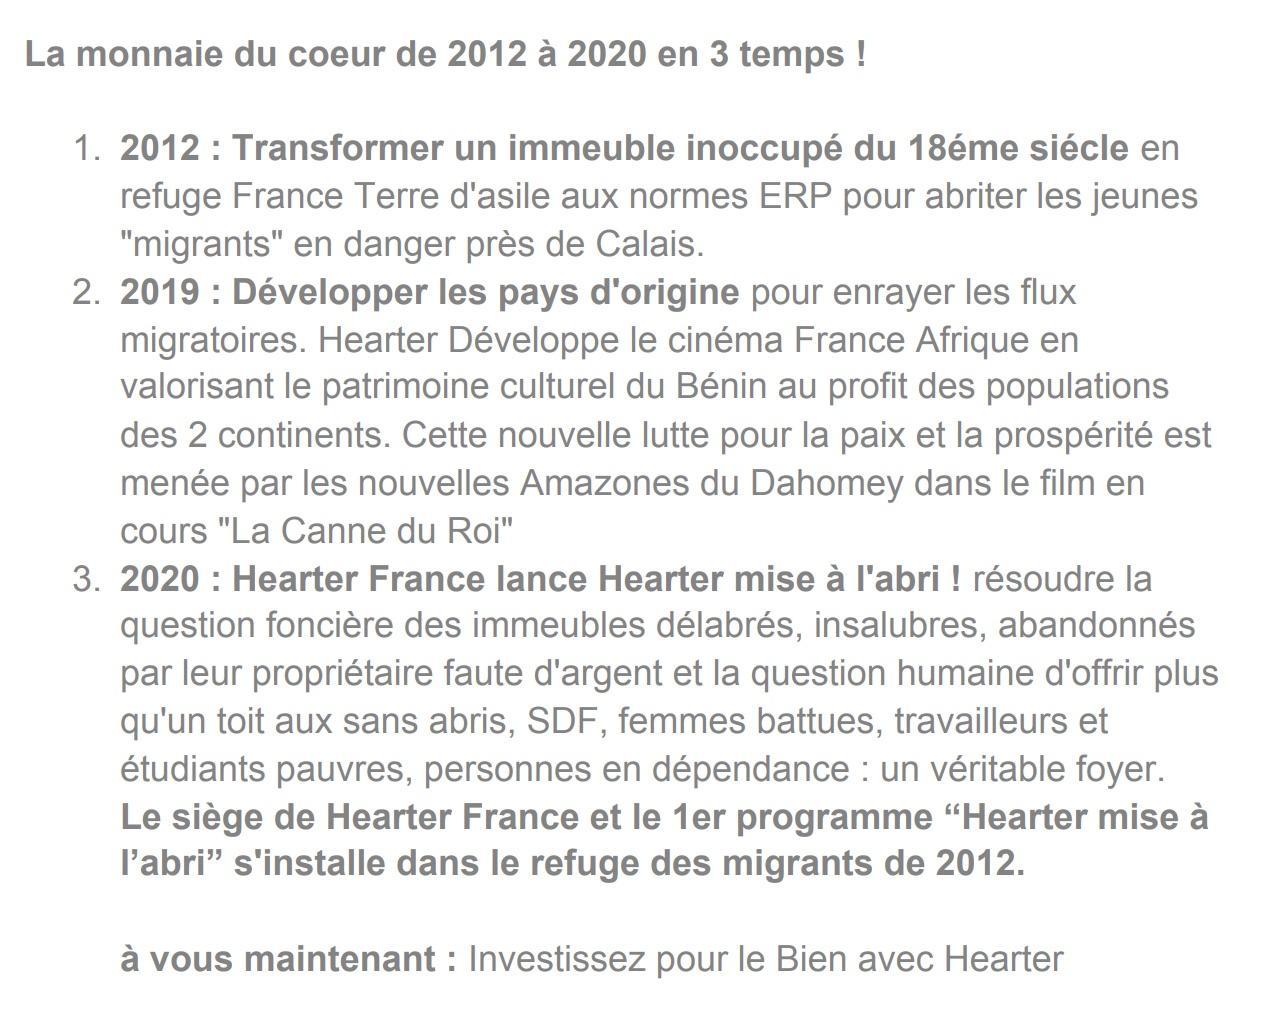 Texte monnaie du coeur 2012 2020